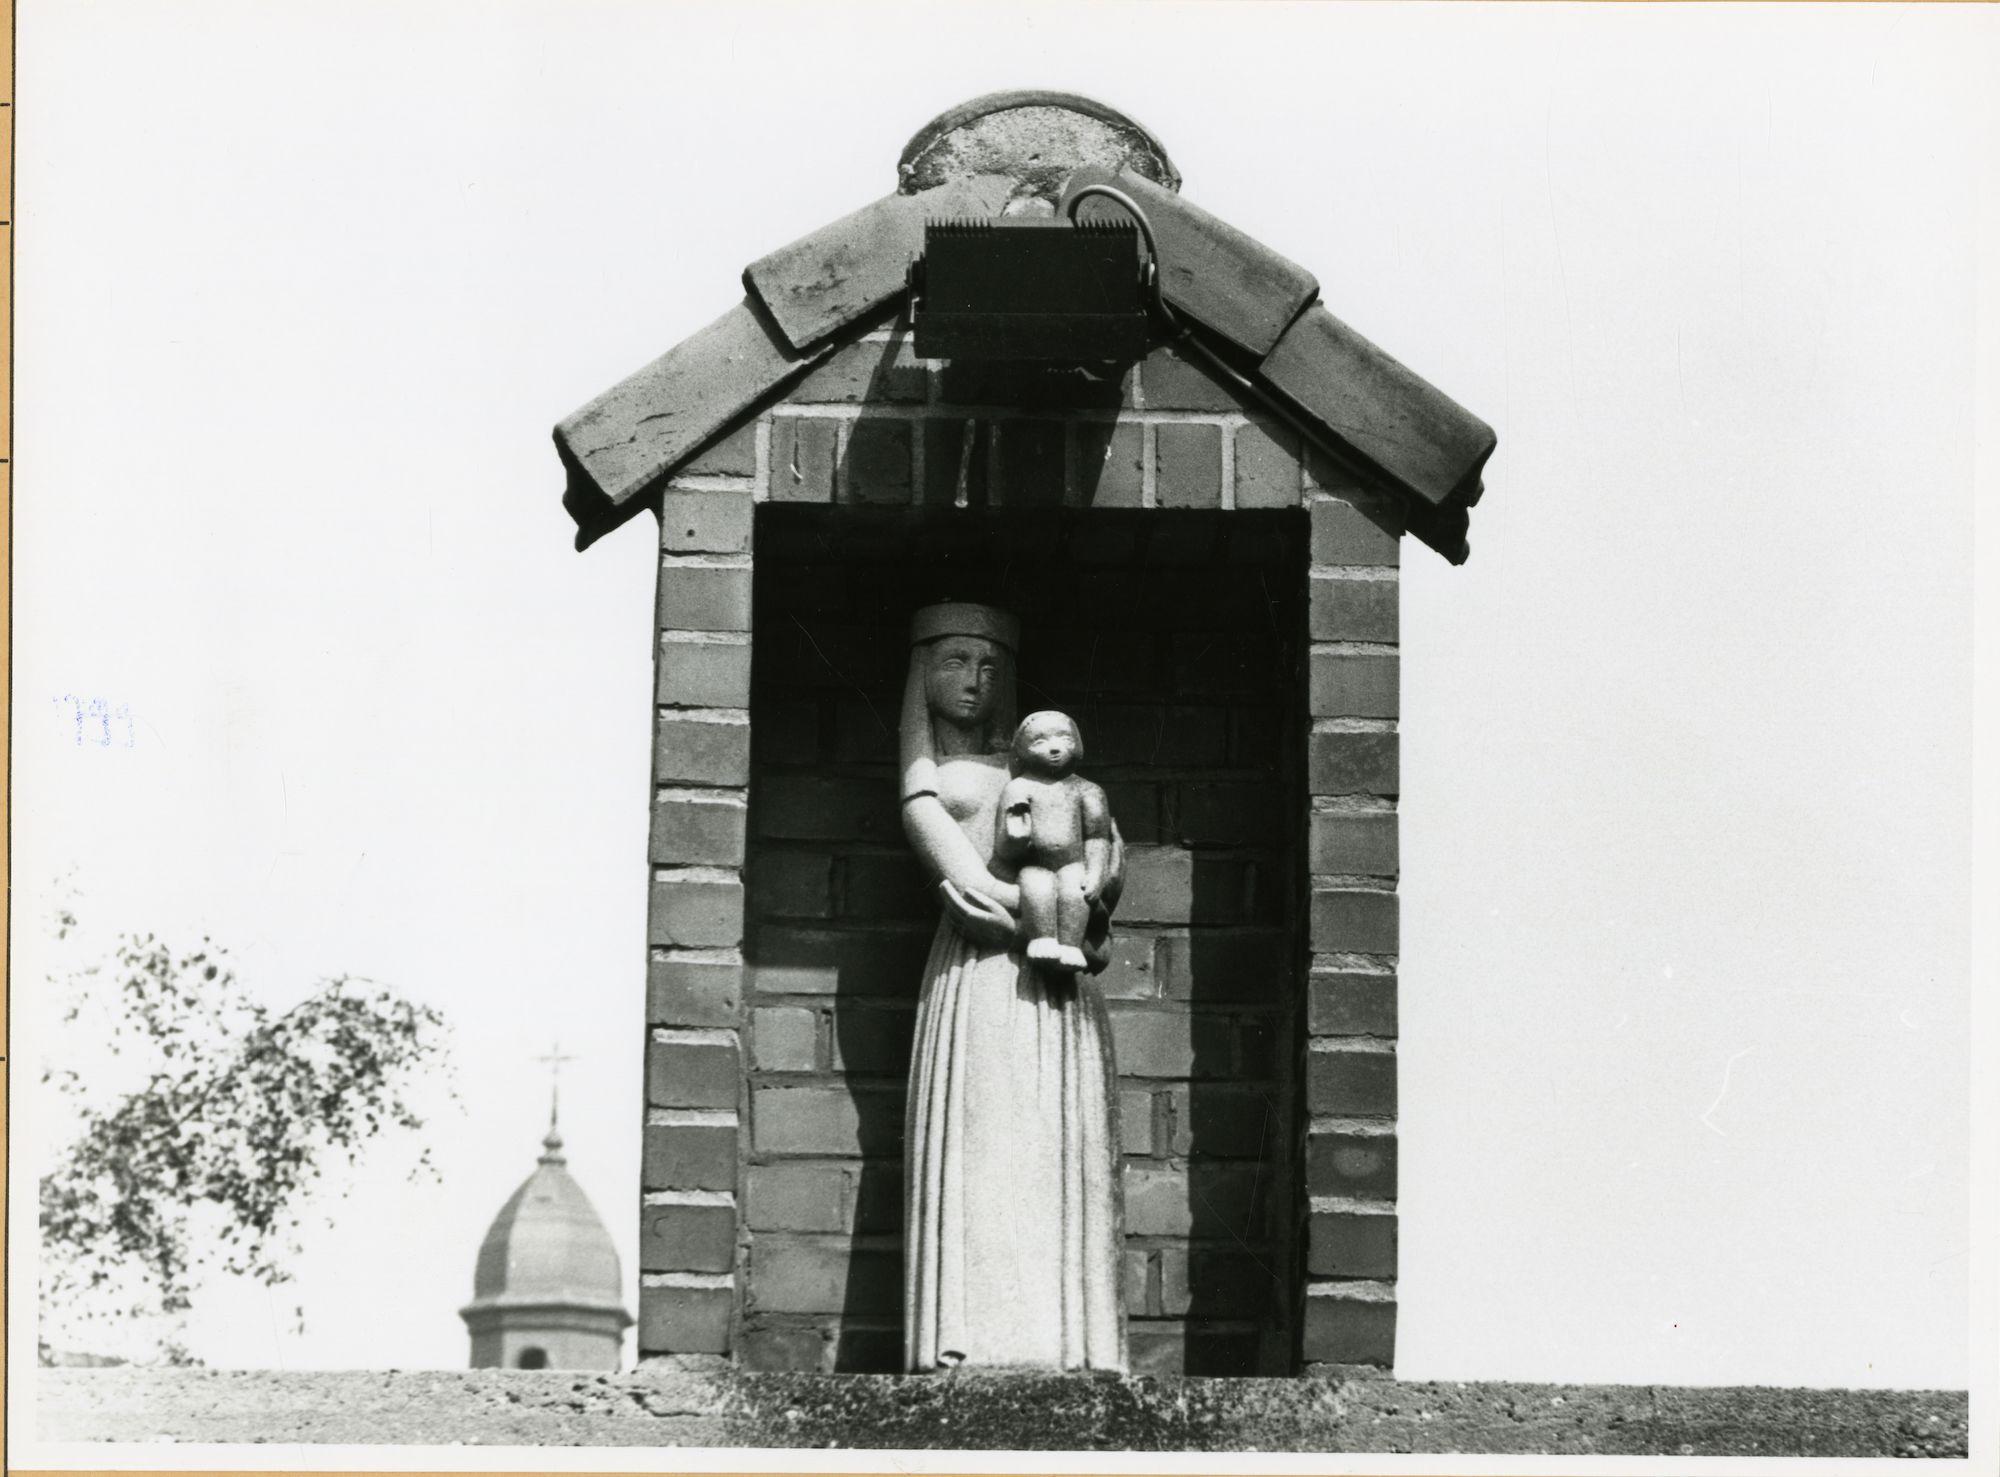 Gent: Kattenberg: Gevelbeeld, 1979